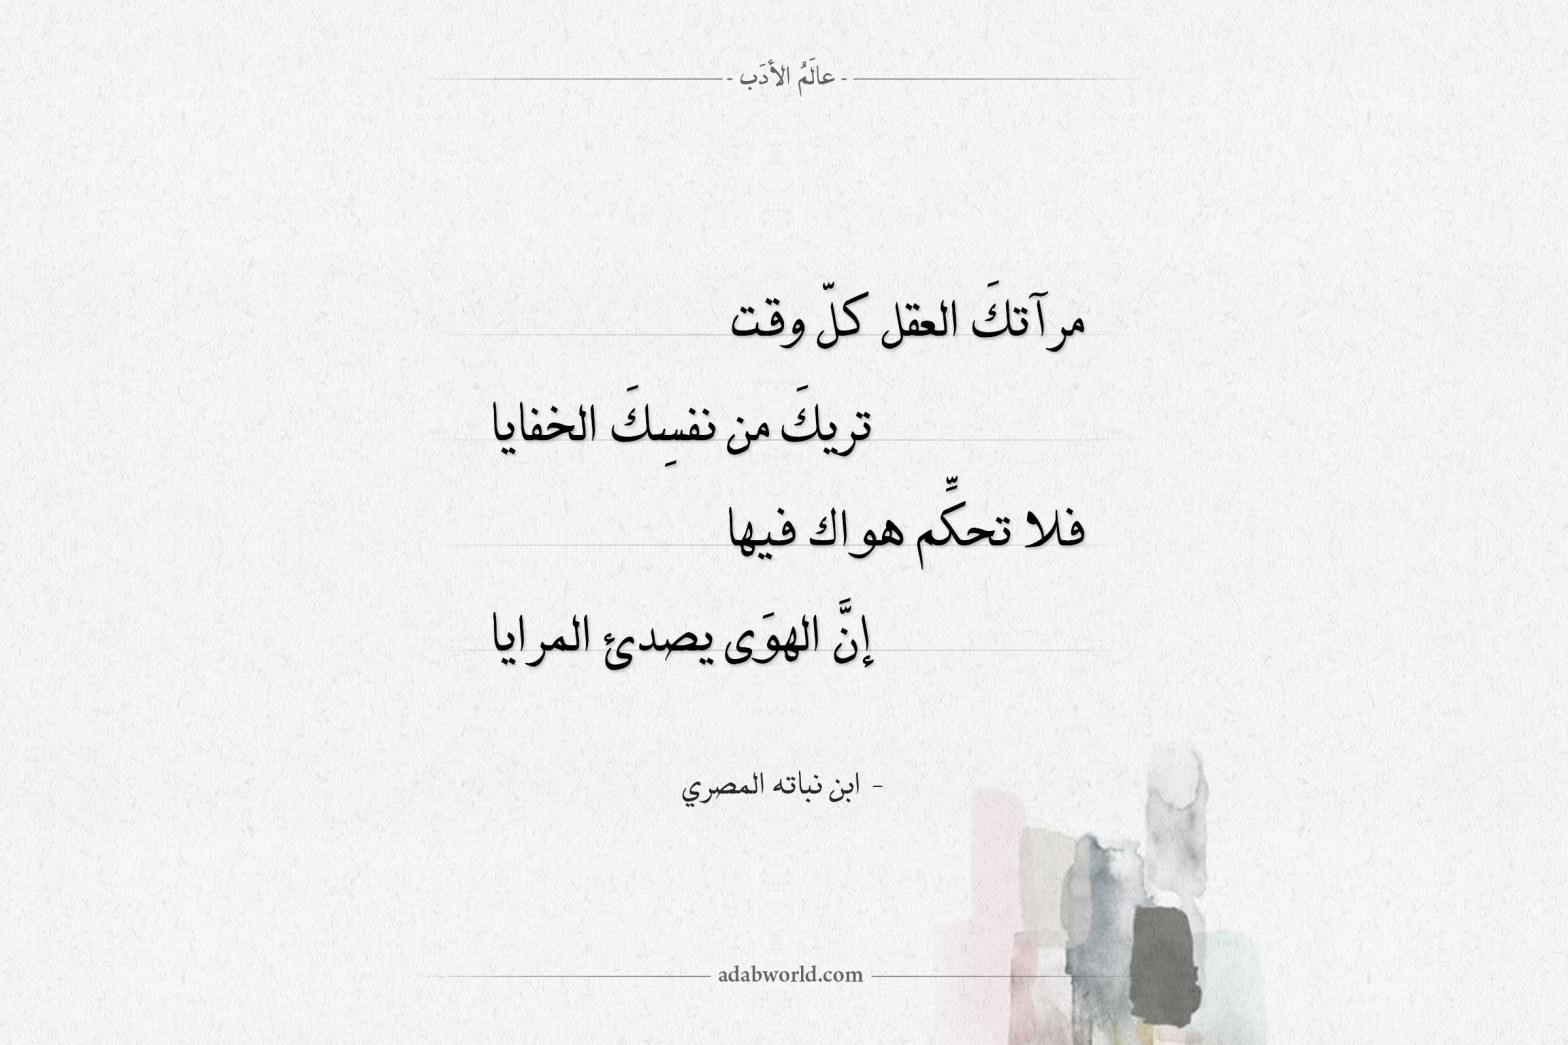 شعر ابن نباته المصري - مرآتك العقل كل وقت